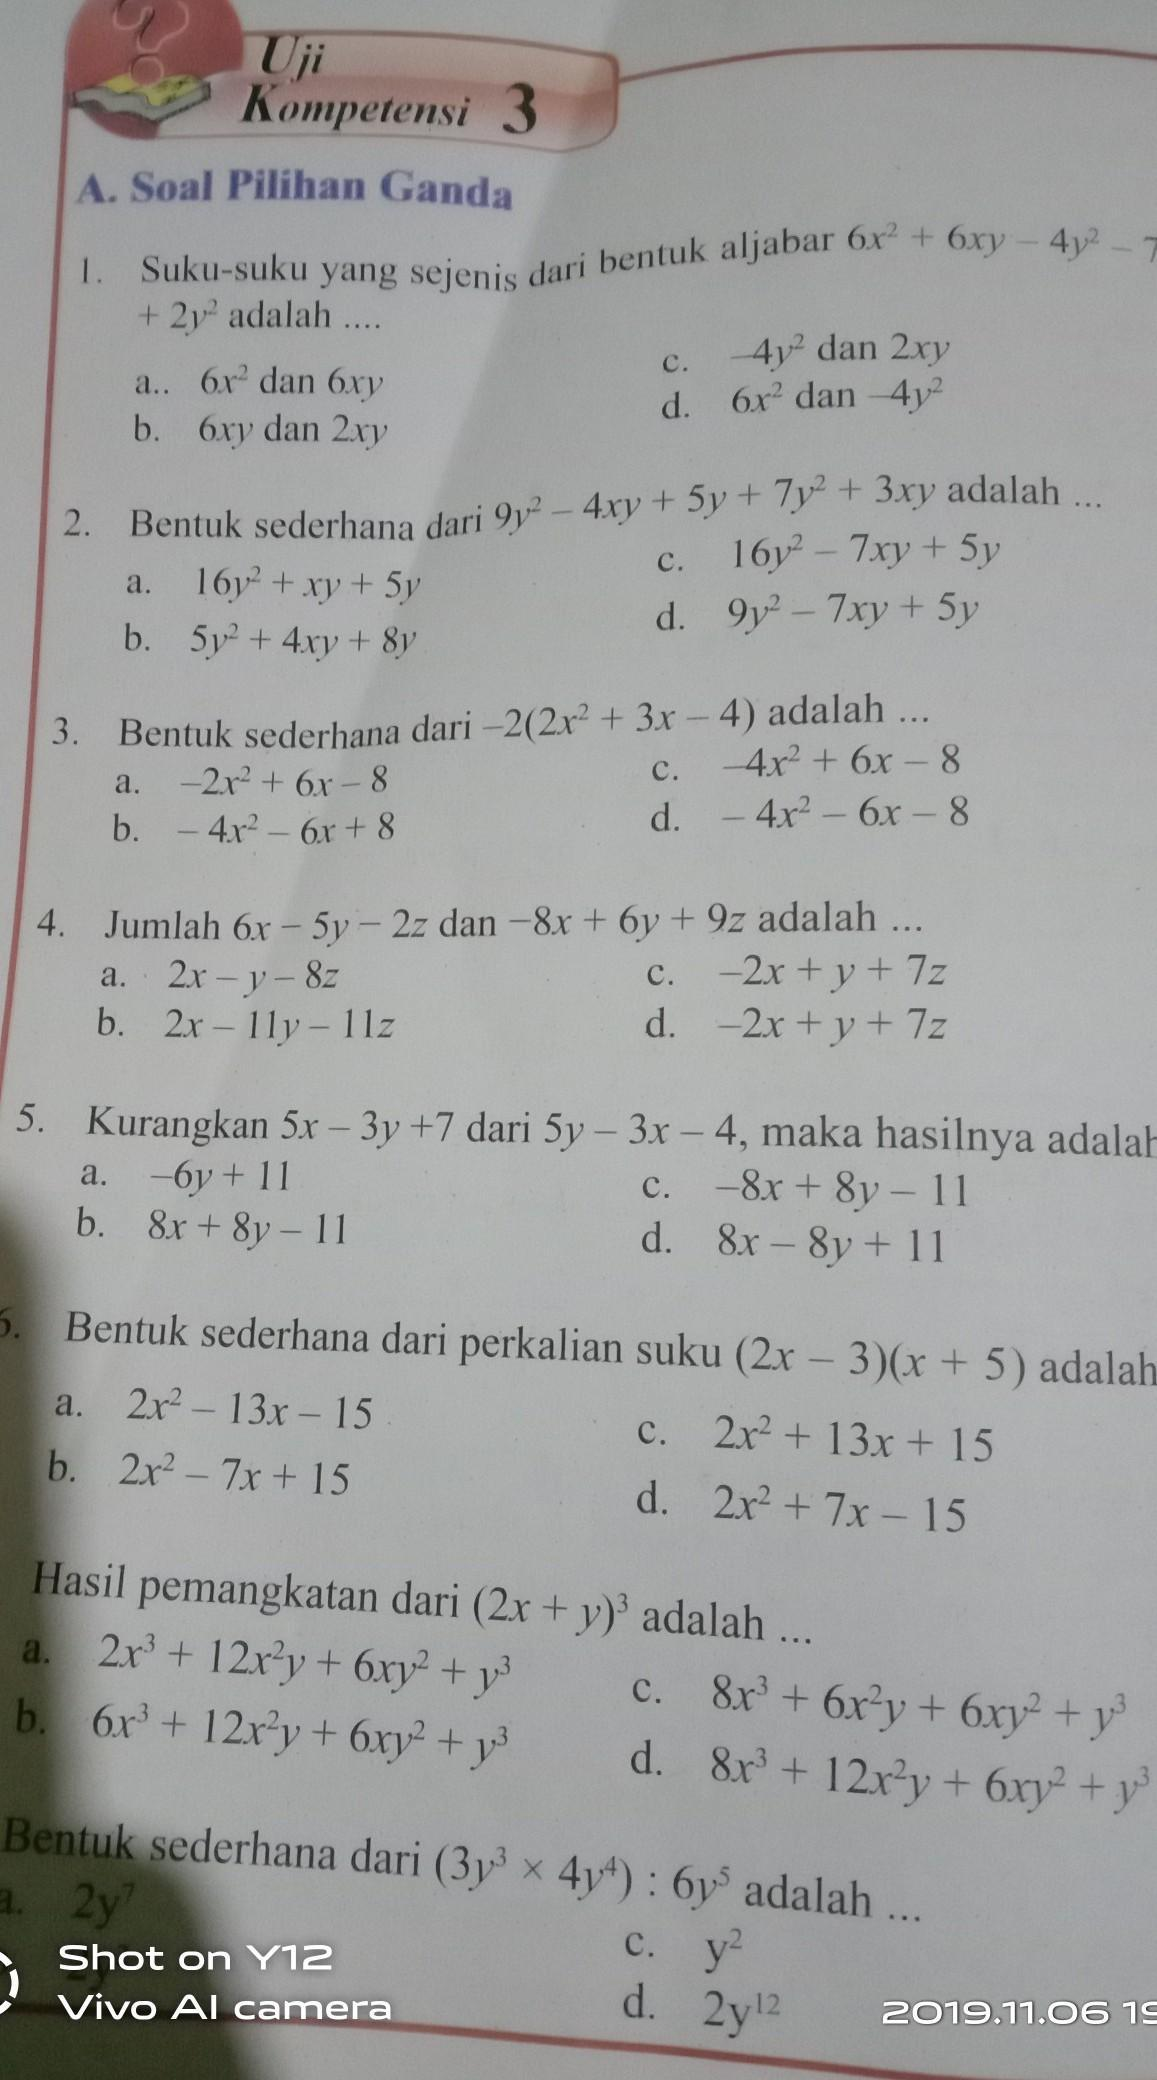 Kalo Nggak Jelas Itu Jawaban Buku Paket Matematika Halaman 240 Uji Kompetensi 3 1 8 Brainly Co Id